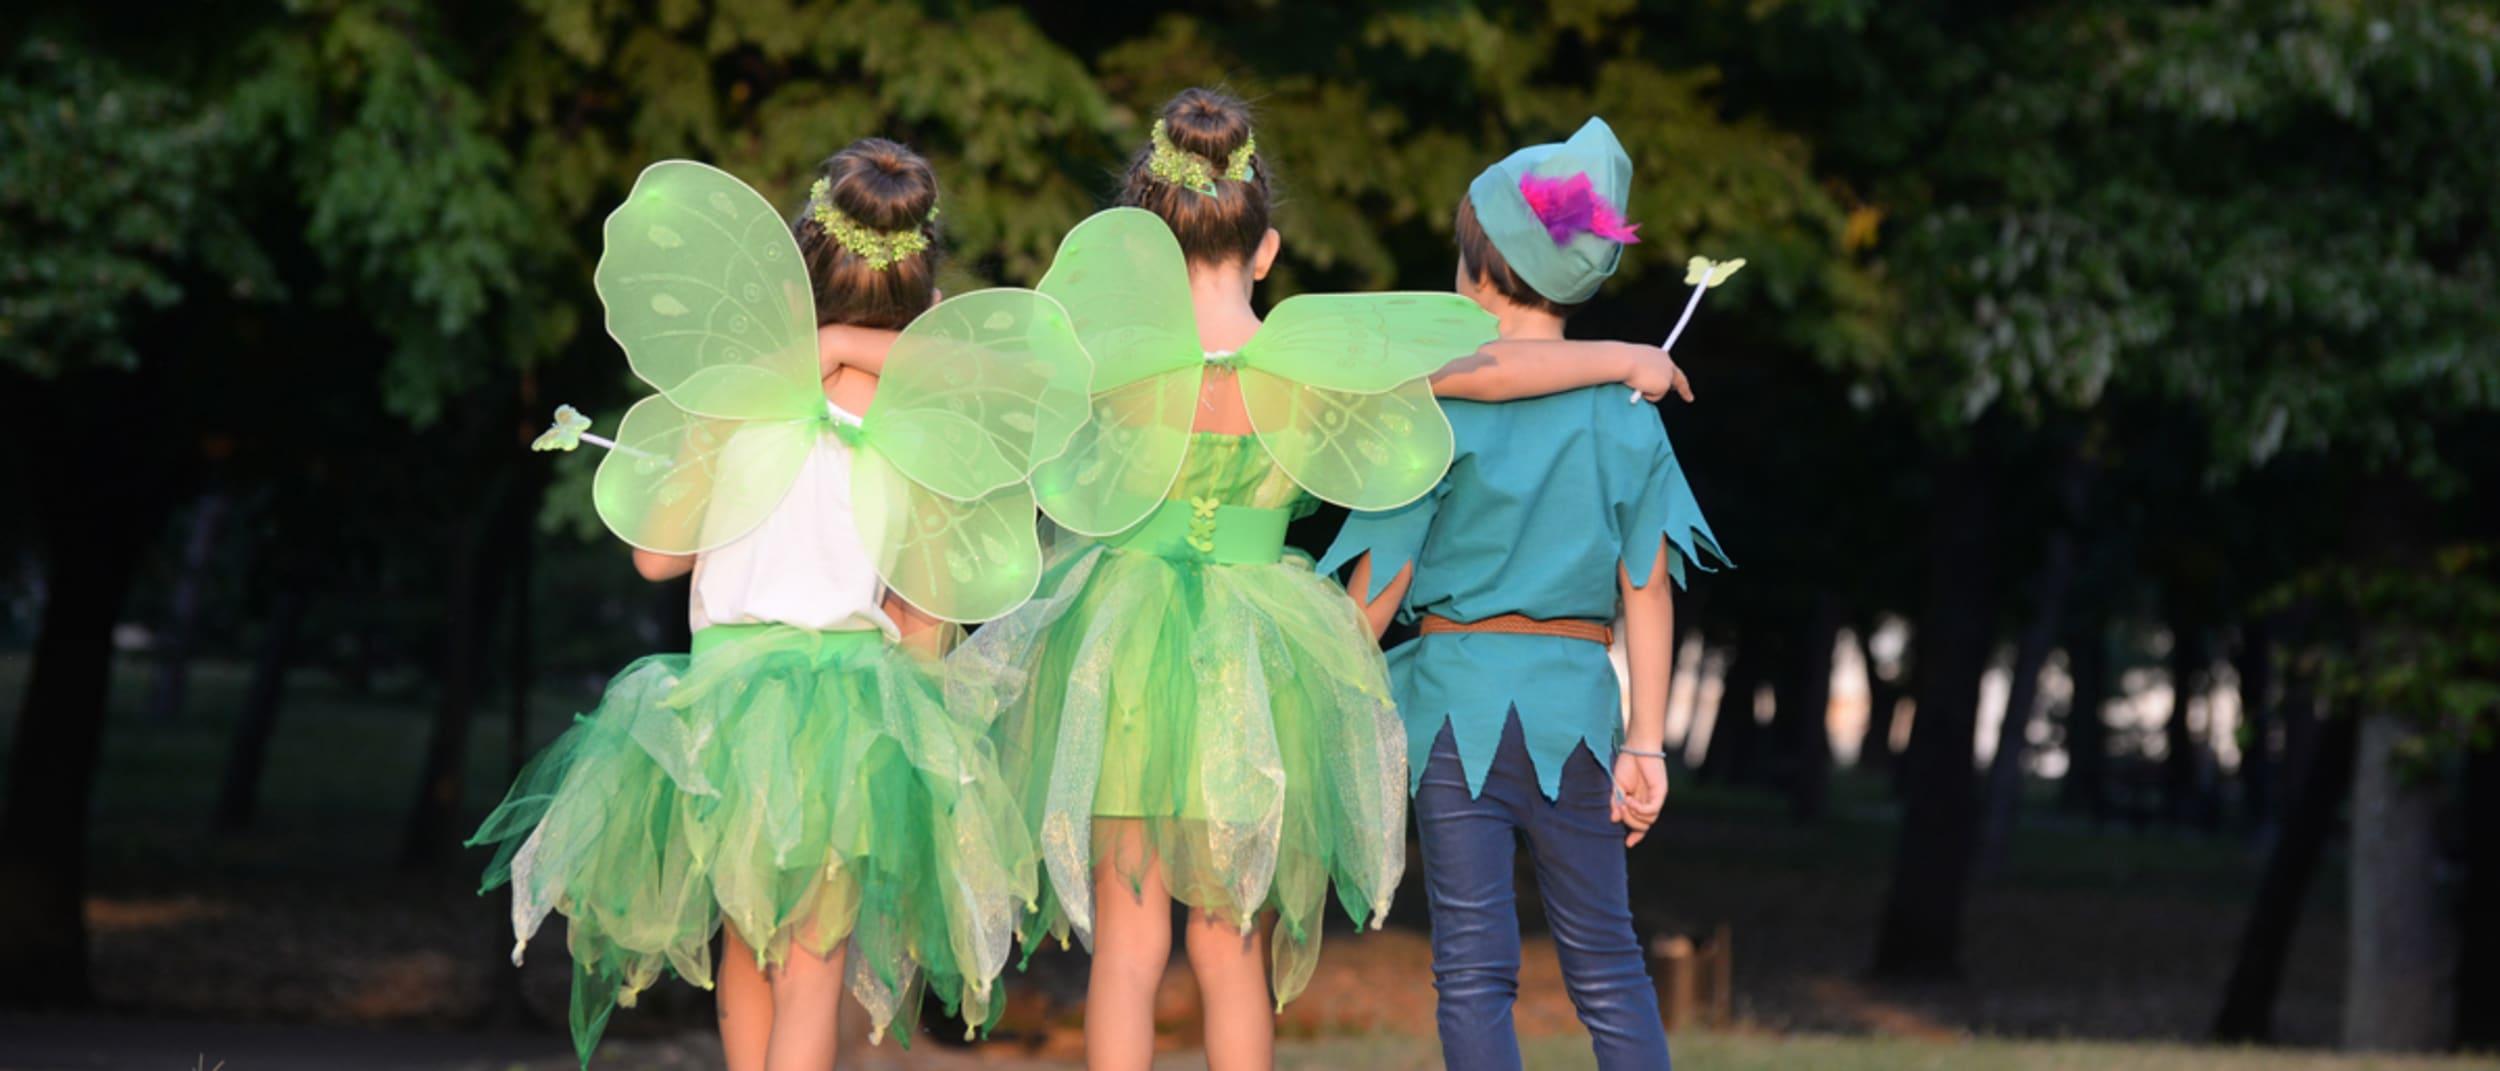 Farmers: Trixie the Fairy